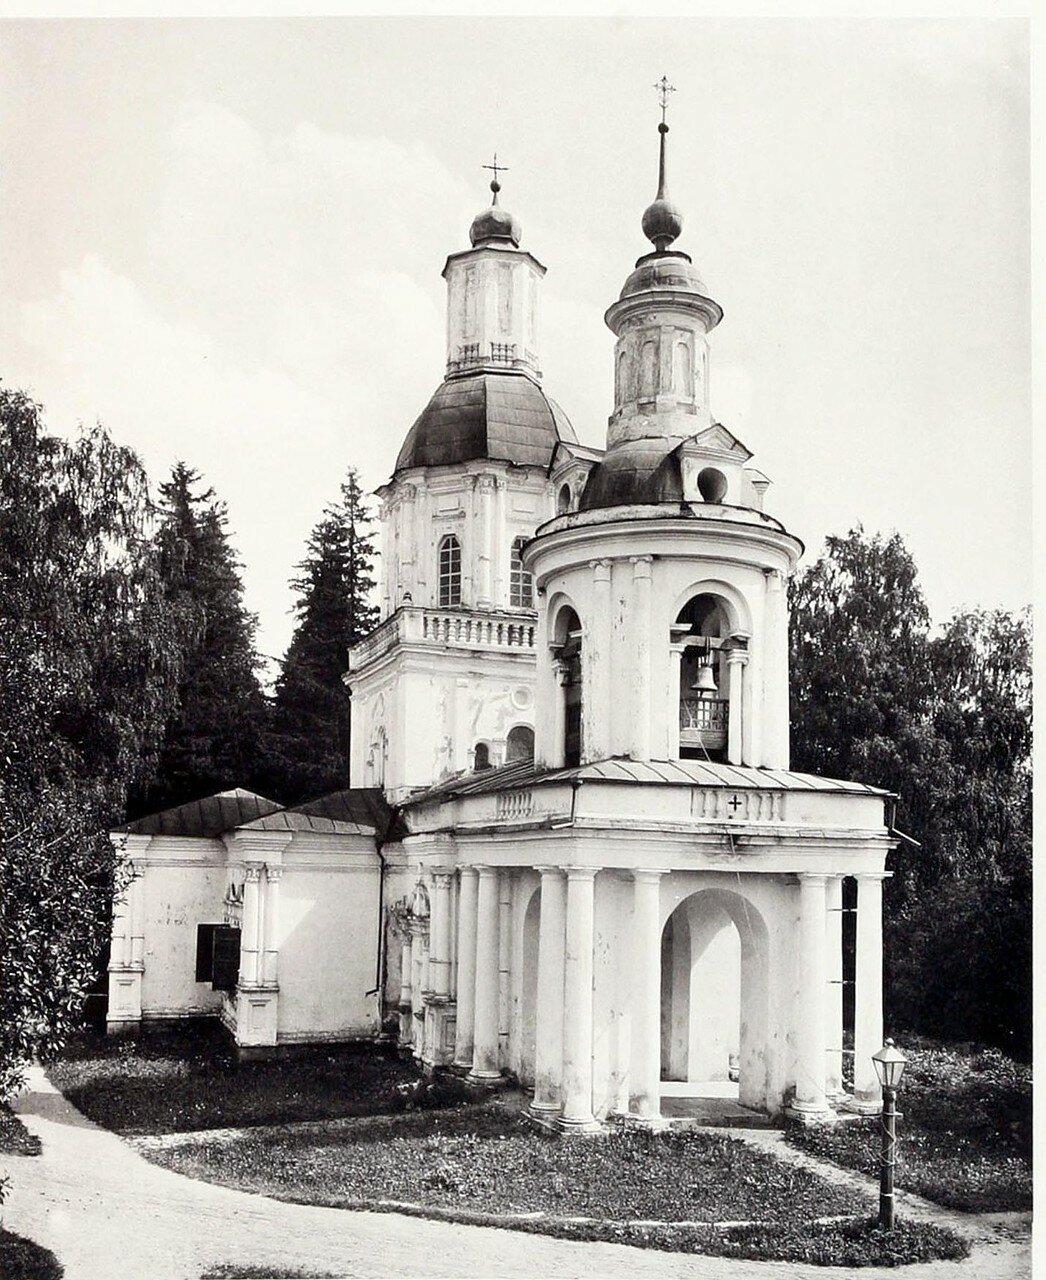 440. Окрестности Москвы. Церковь в селе Свиблово